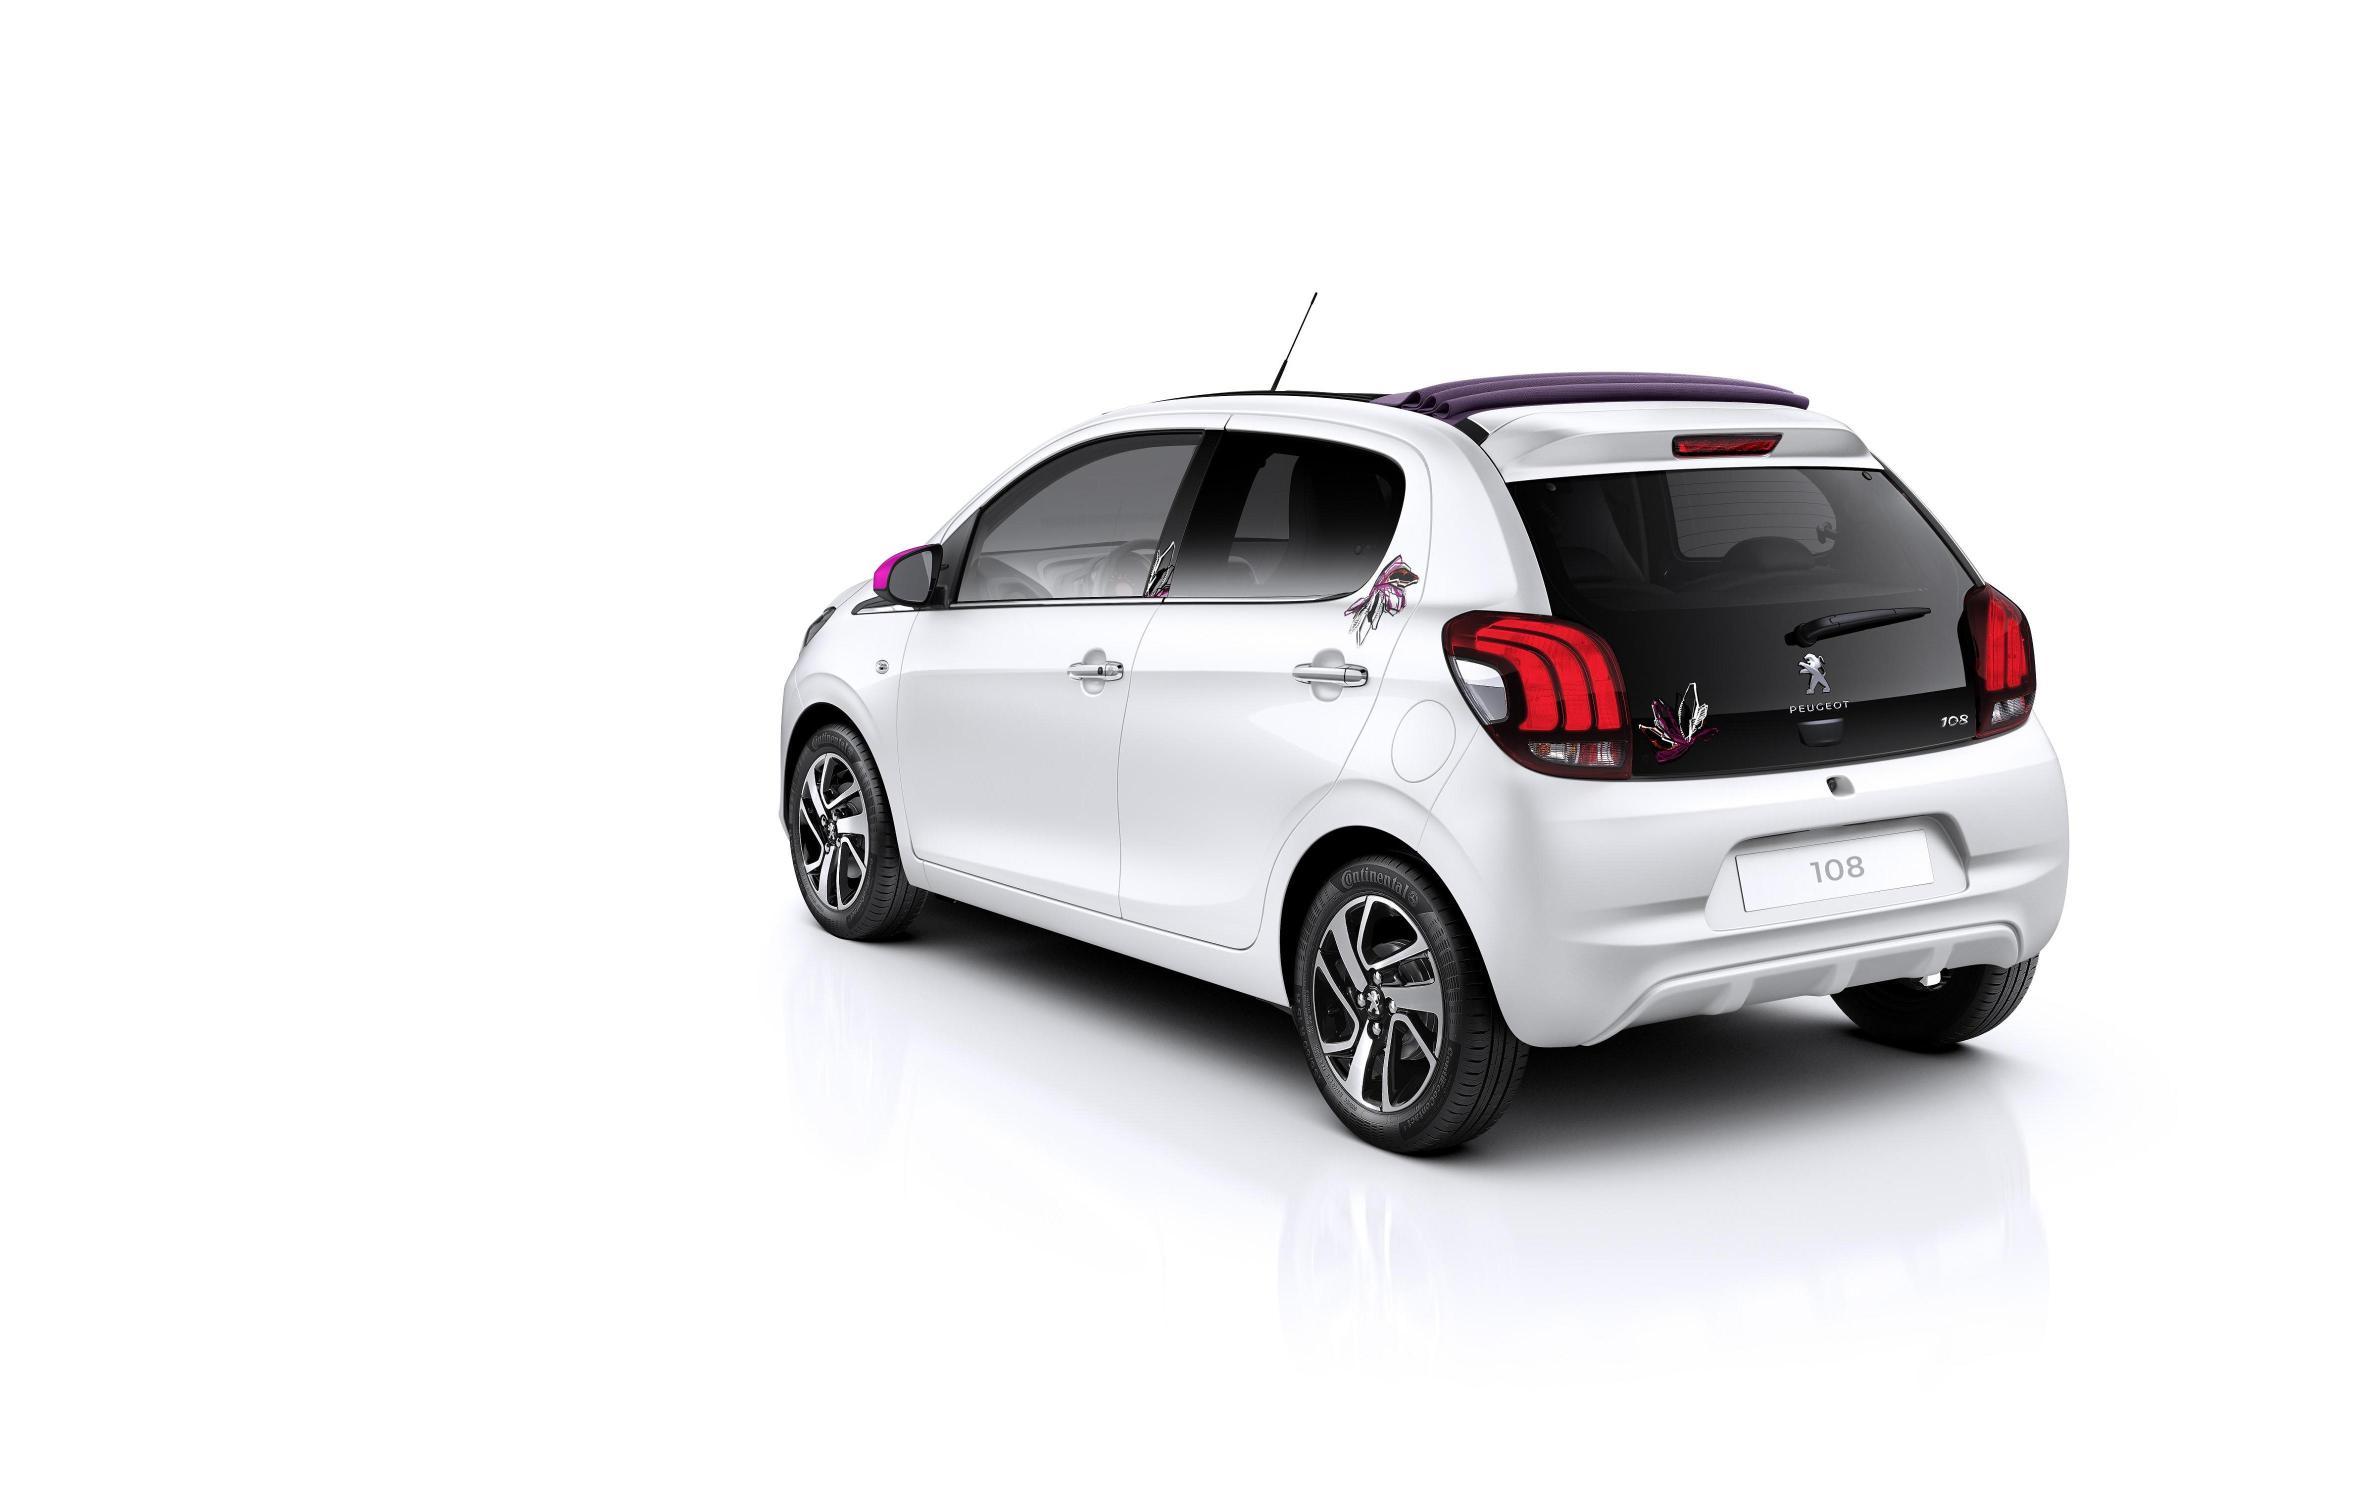 Nuevo Peugeot 108, toda la esencia de Peugeot en formato pequeño